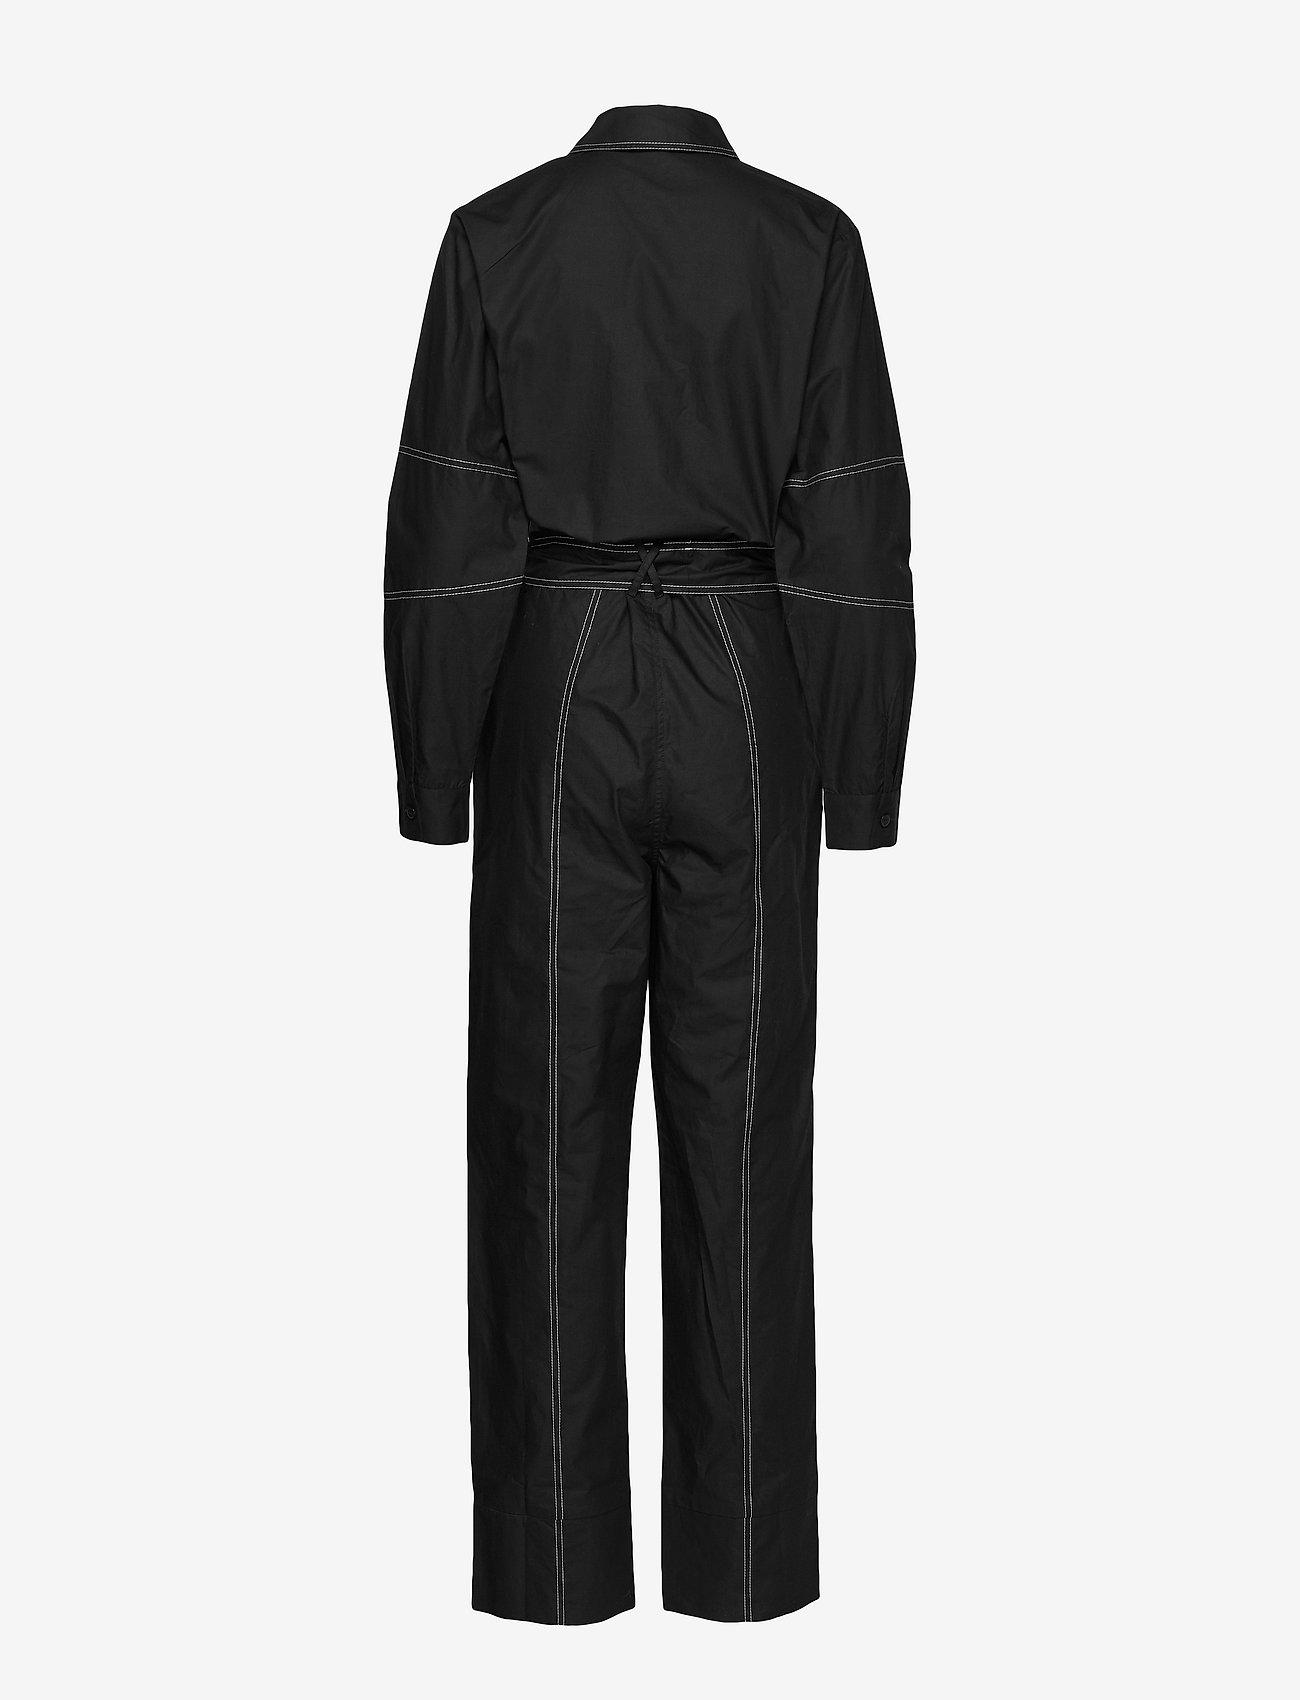 Envii Entopaz Ls Jumpsuit 6691 - Combinaisons Black